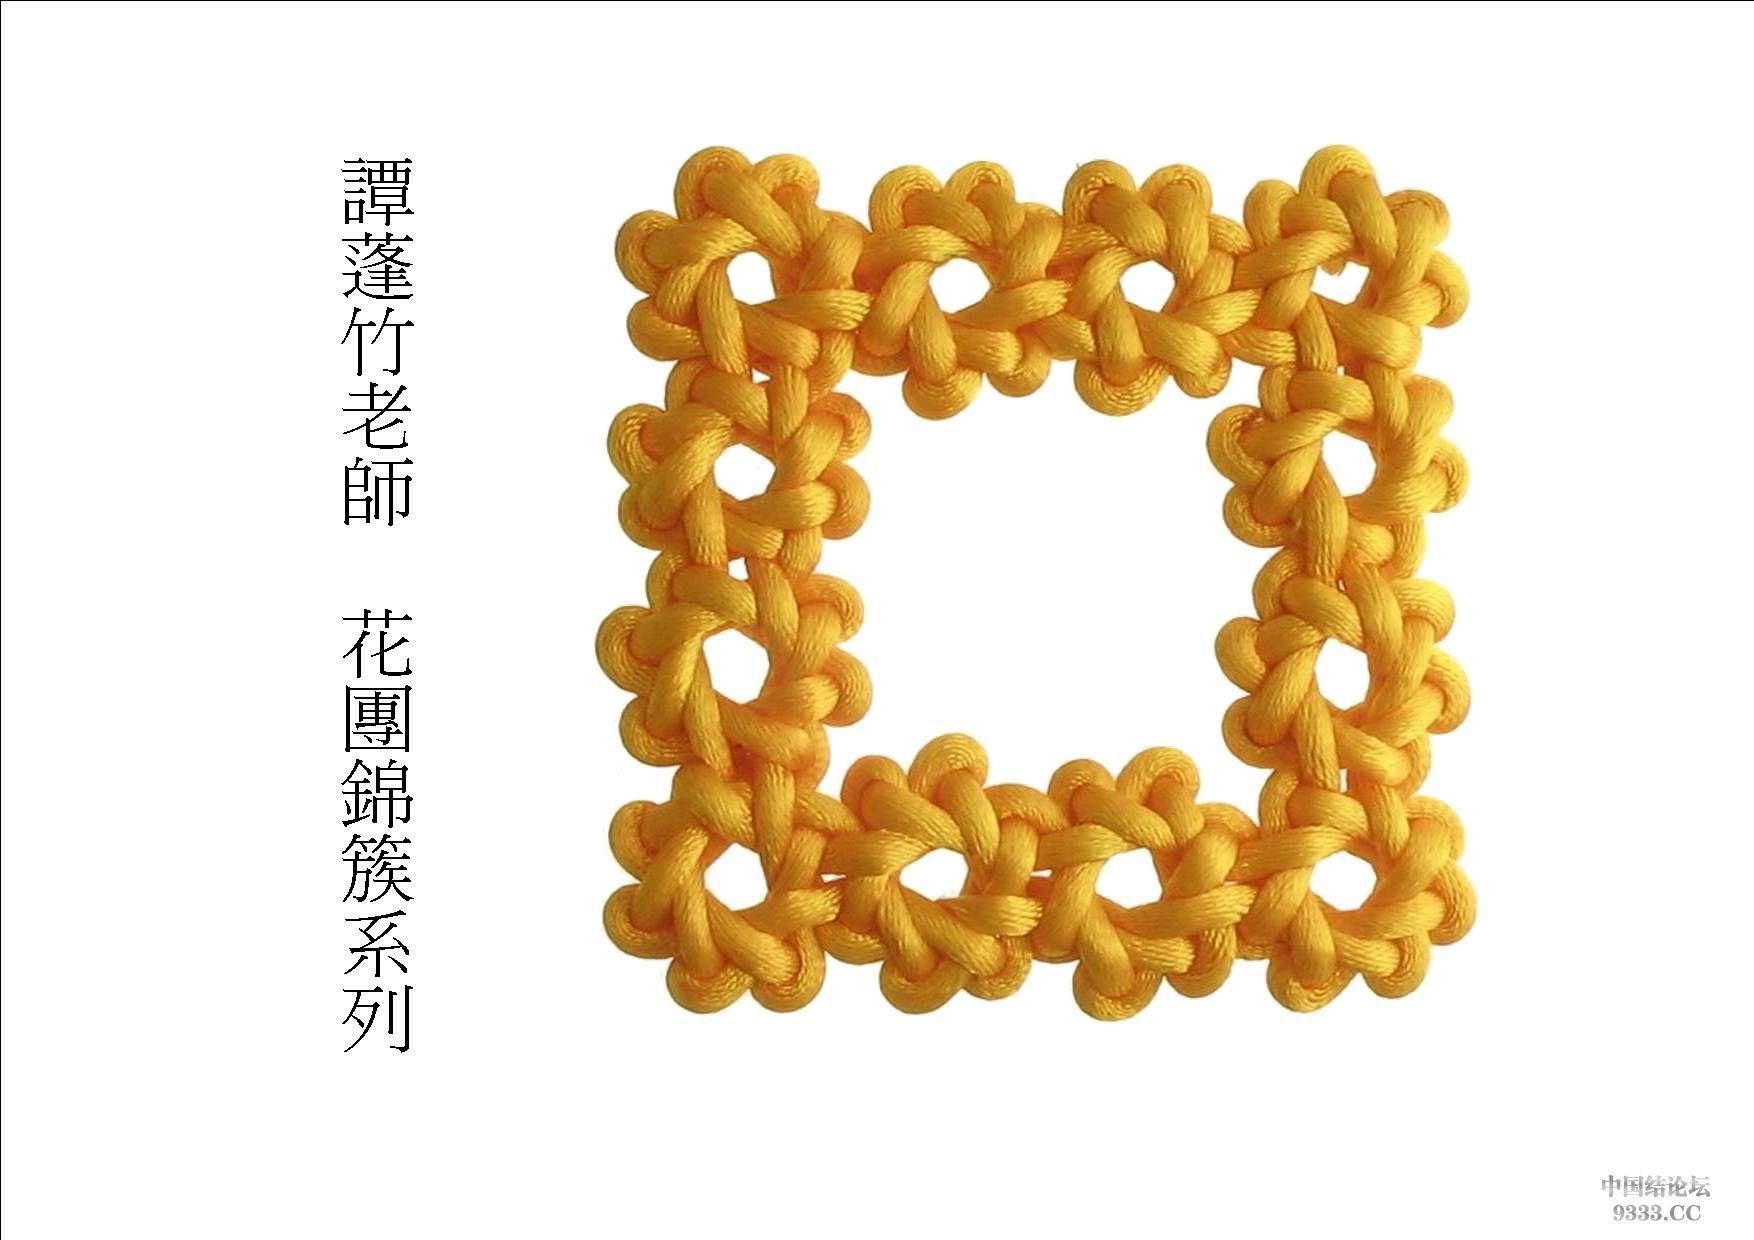 中国结论坛 基礎結(六)  一线生机-杨朝宗专栏 10050815154f0dbbad556c6823